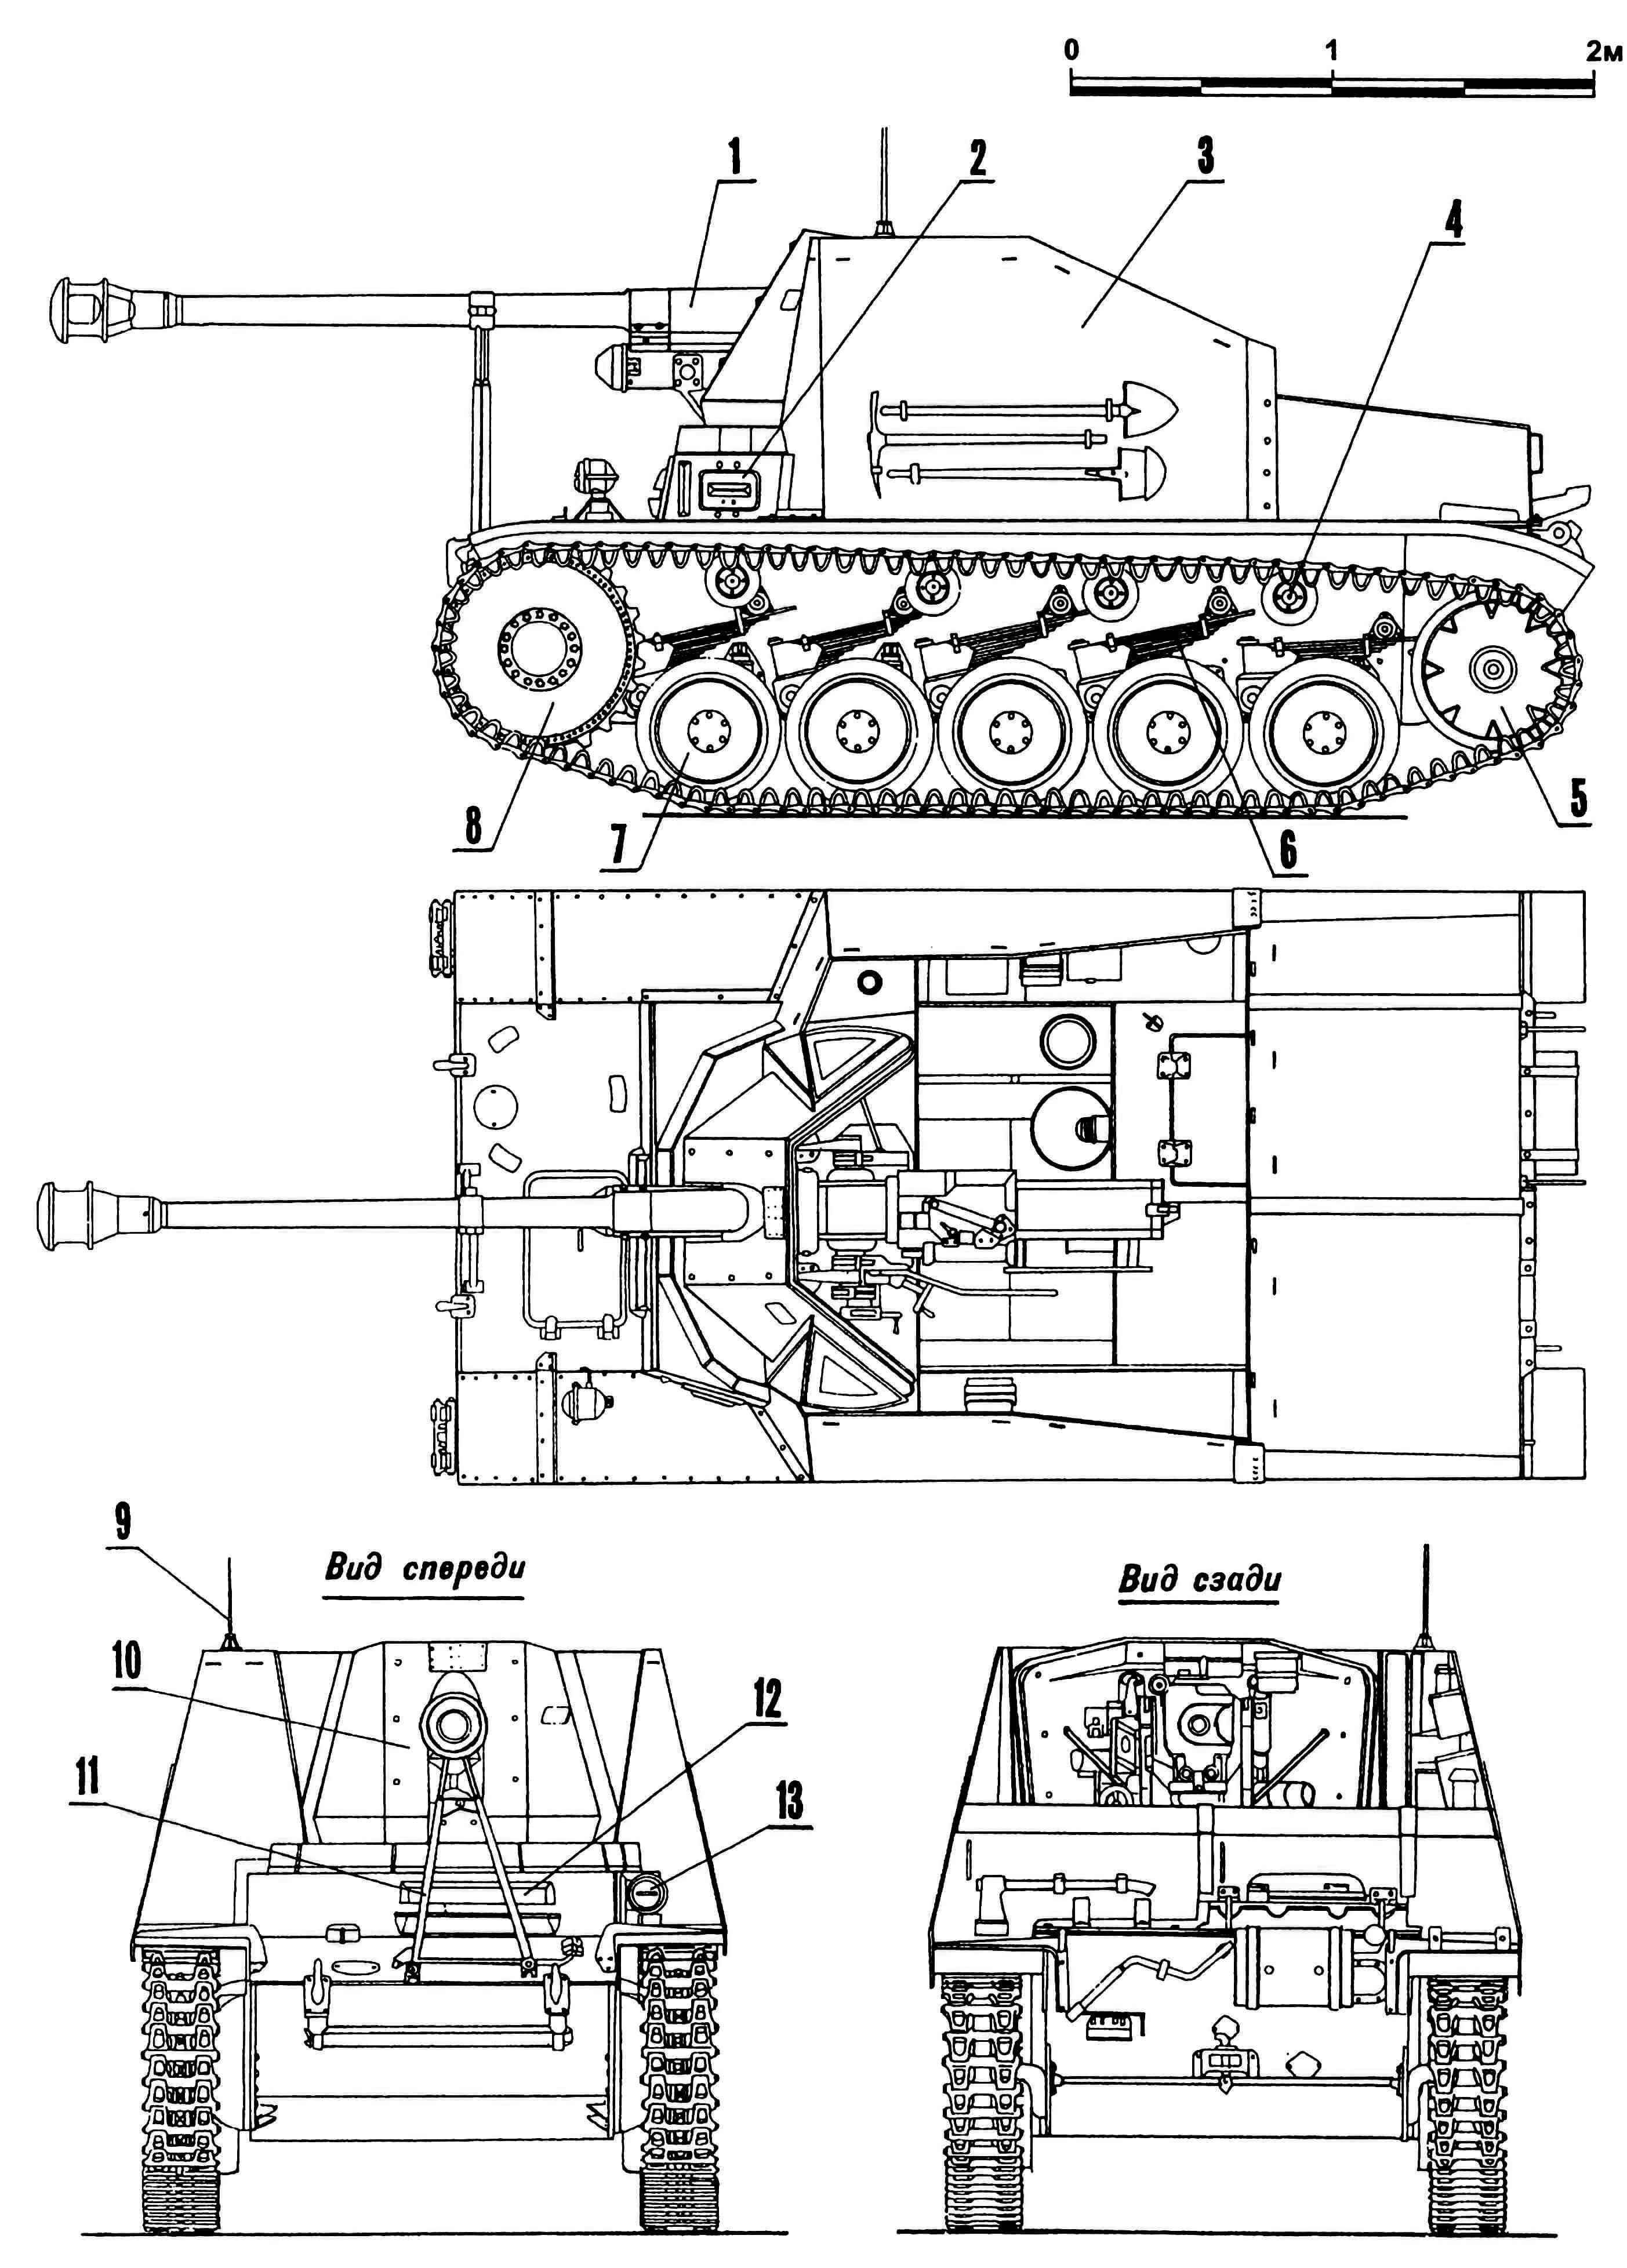 Самоходная установка Marder II (Sd.Kfz.131): 1 — пушка Раk 40/2 75-мм; 2 — прибор наблюдения механика-водителя, бортовой; 3 — рубка; 4— каток поддерживающий; 5 — колесо направляющее; 6 — рессора подвески; 7 — каток опорный; 8 — колесо ведущее; 9 — антенна; 10 — бронировка подвижная; 11 — кронштейн крепления пушки по-походному; 12 — прибор наблюдения механика-водителя; 13 — фара со светомаскировочной насадкой.